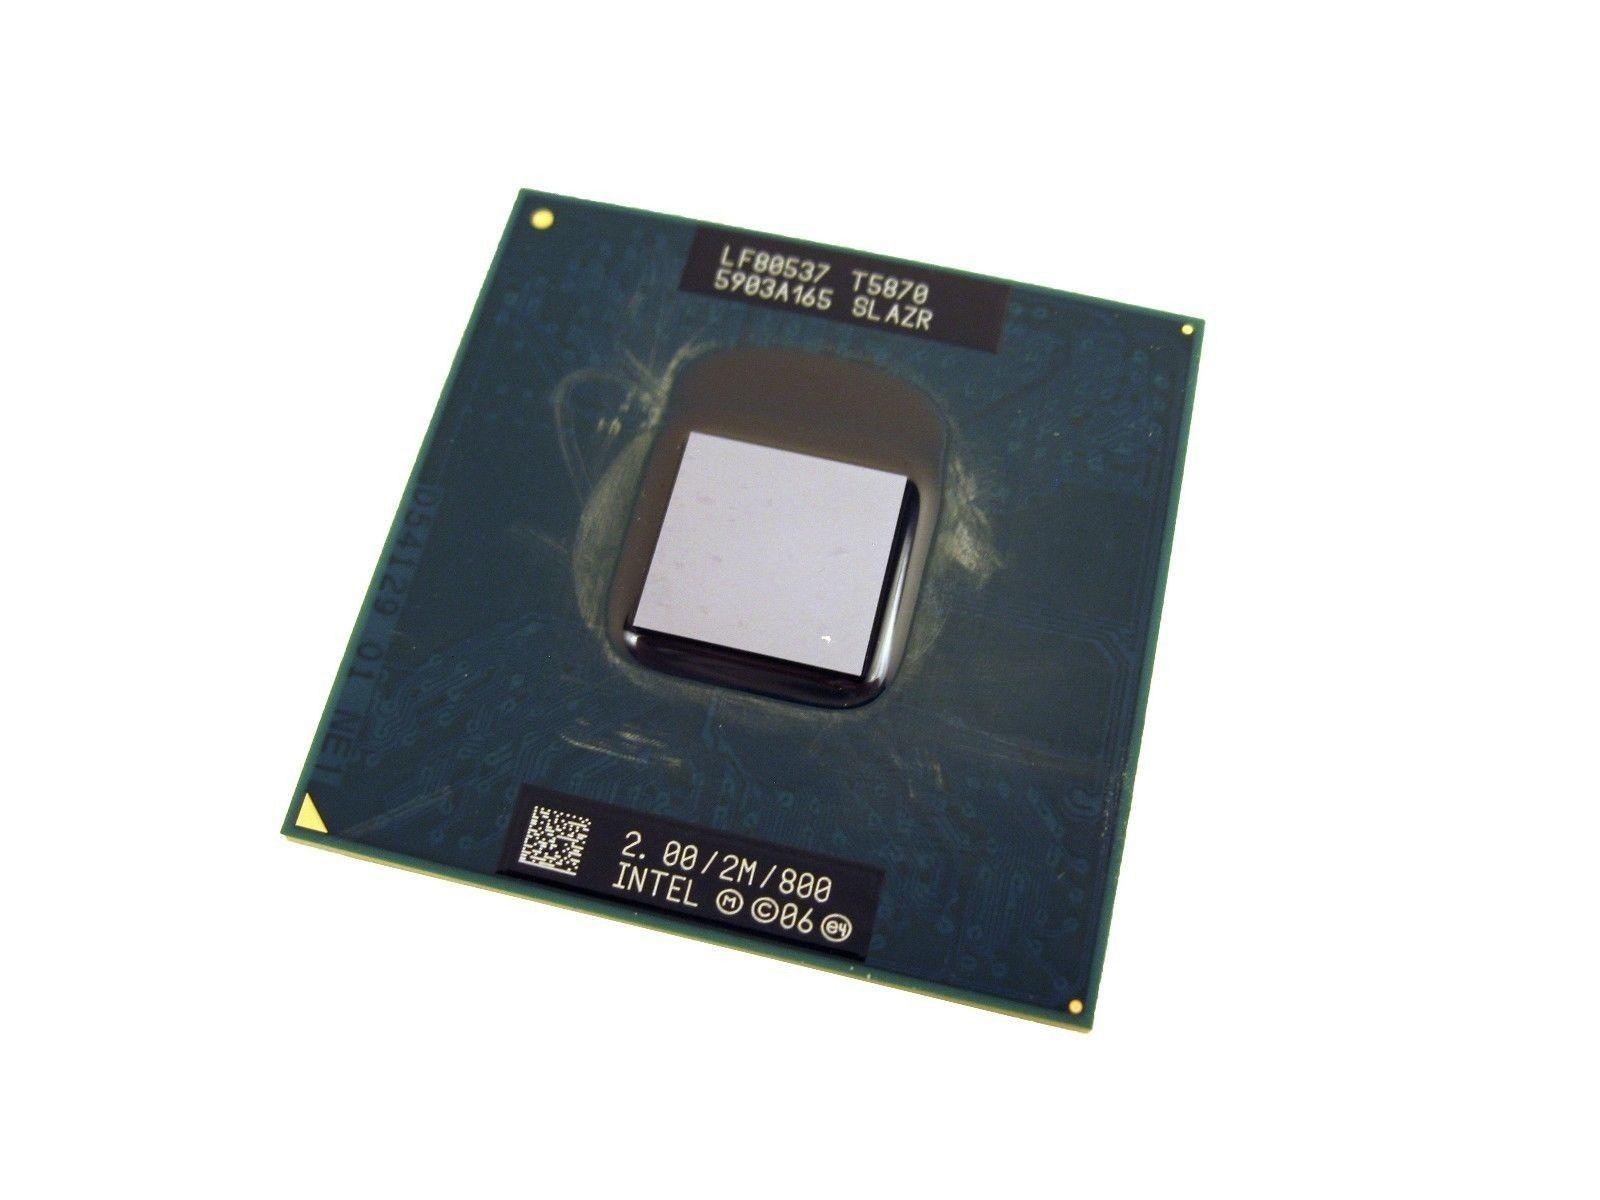 Dell R113F Intel SLAZR Core 2 Duo Mobile 2GHz 2MB CPU Processor T5870